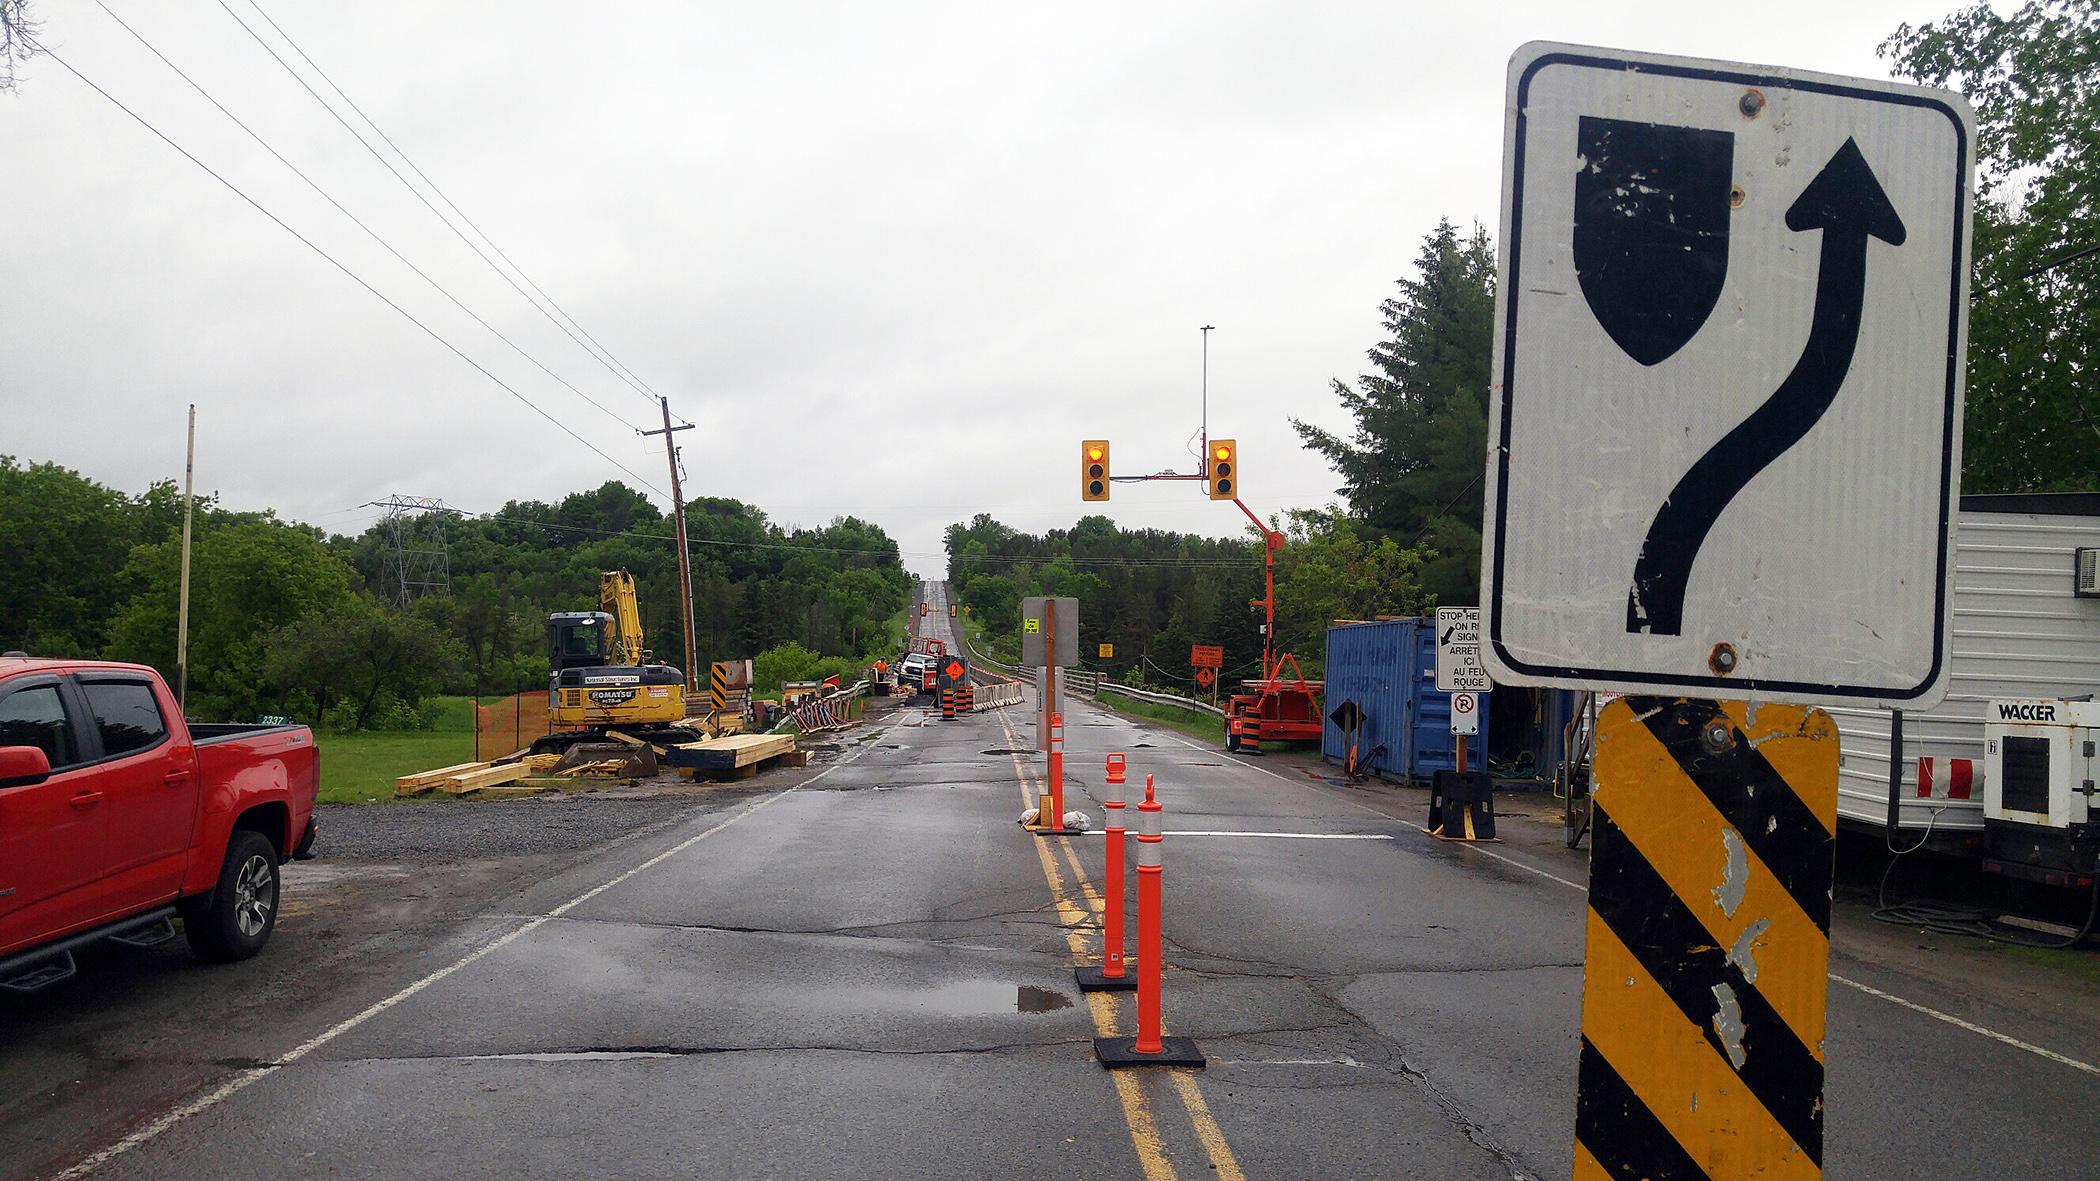 Summer roadwork in West Carleton